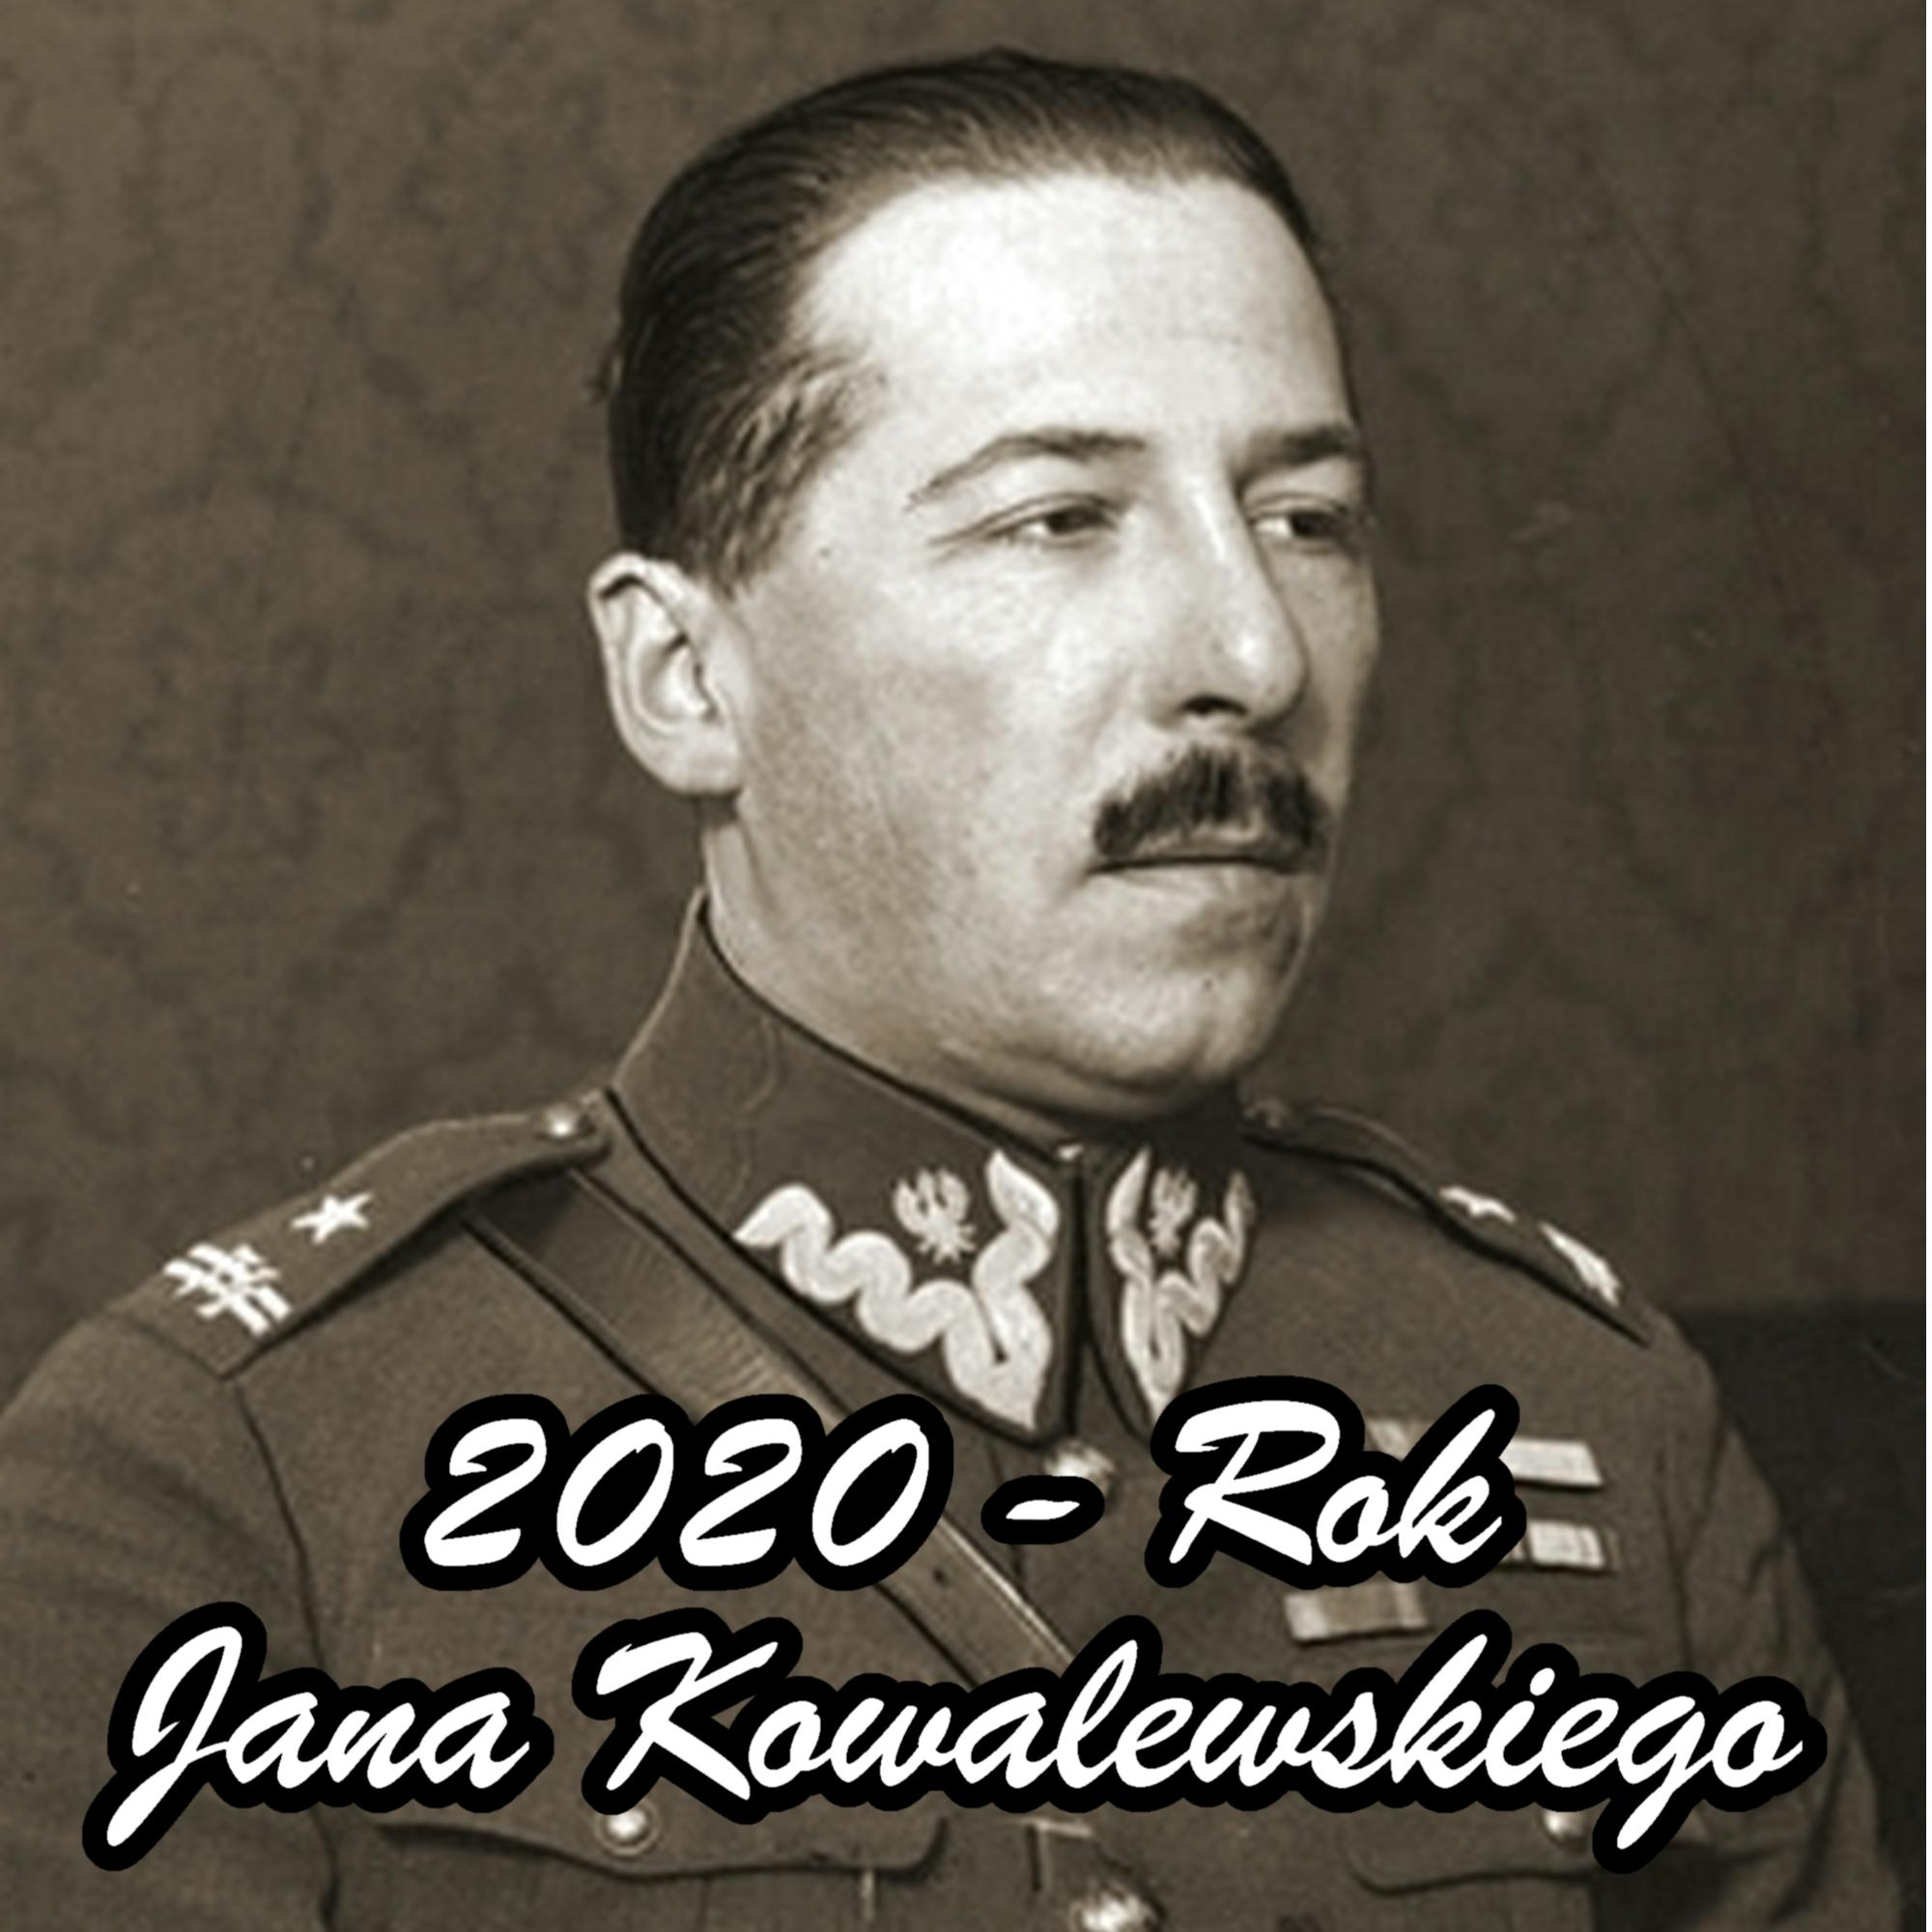 2020 Rokiem Jana Kowalewskiego